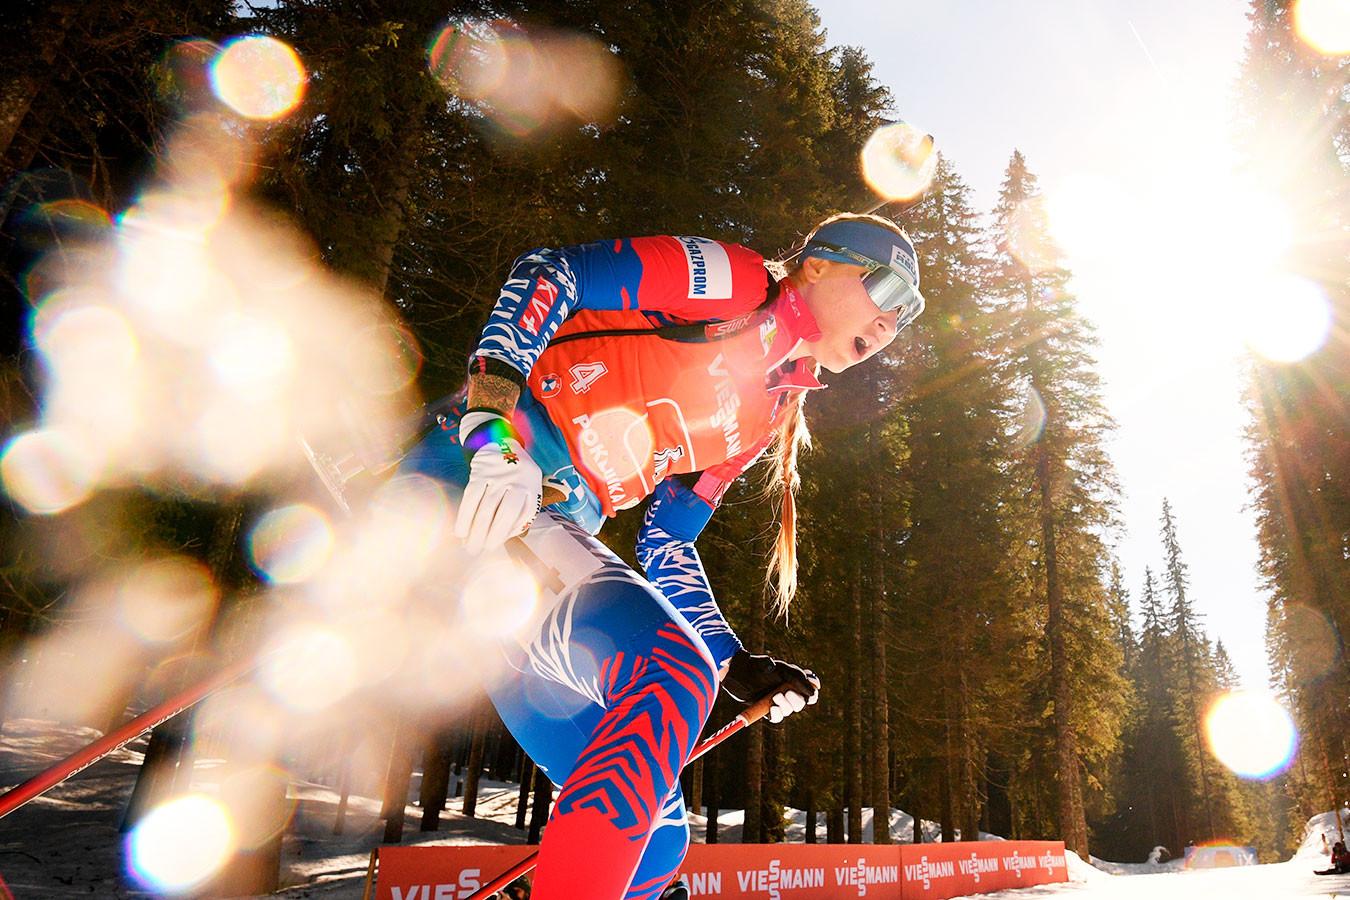 Павлова победила в спринте на чемпионате России по биатлону, Миронова не попала в топ-10